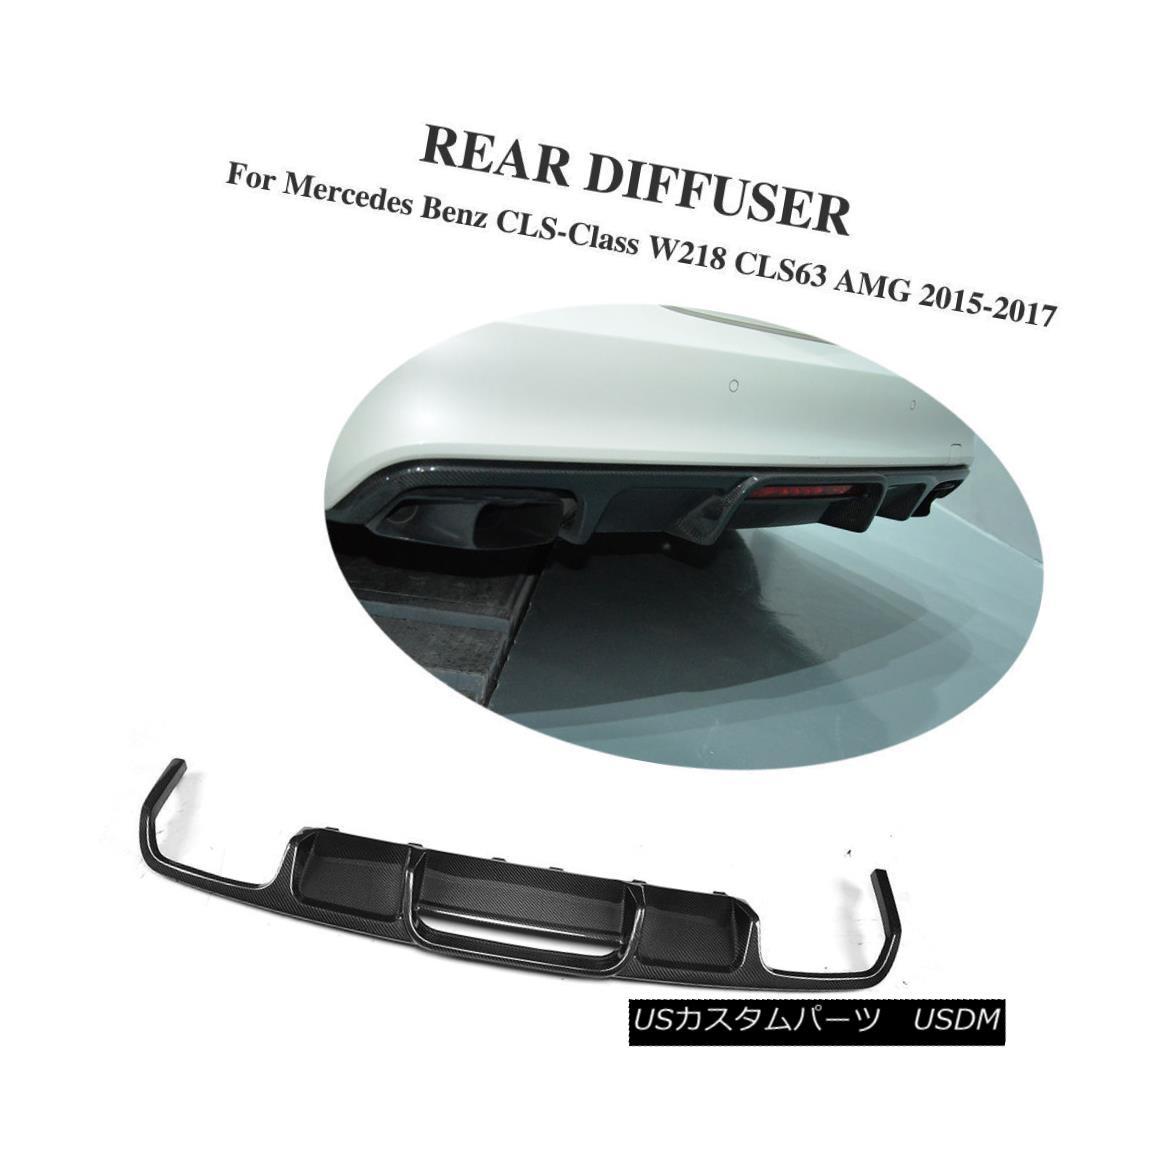 エアロパーツ Carbon Fiber Car Rear Diffuser Fit For Benz CLS400 CLS550 CLS63 AMG 2015-2017 ベンツCLS400 CLS550 CLS63 AMG 2015-2017のためのカーボンファイバーカーリアディフューザーフィット